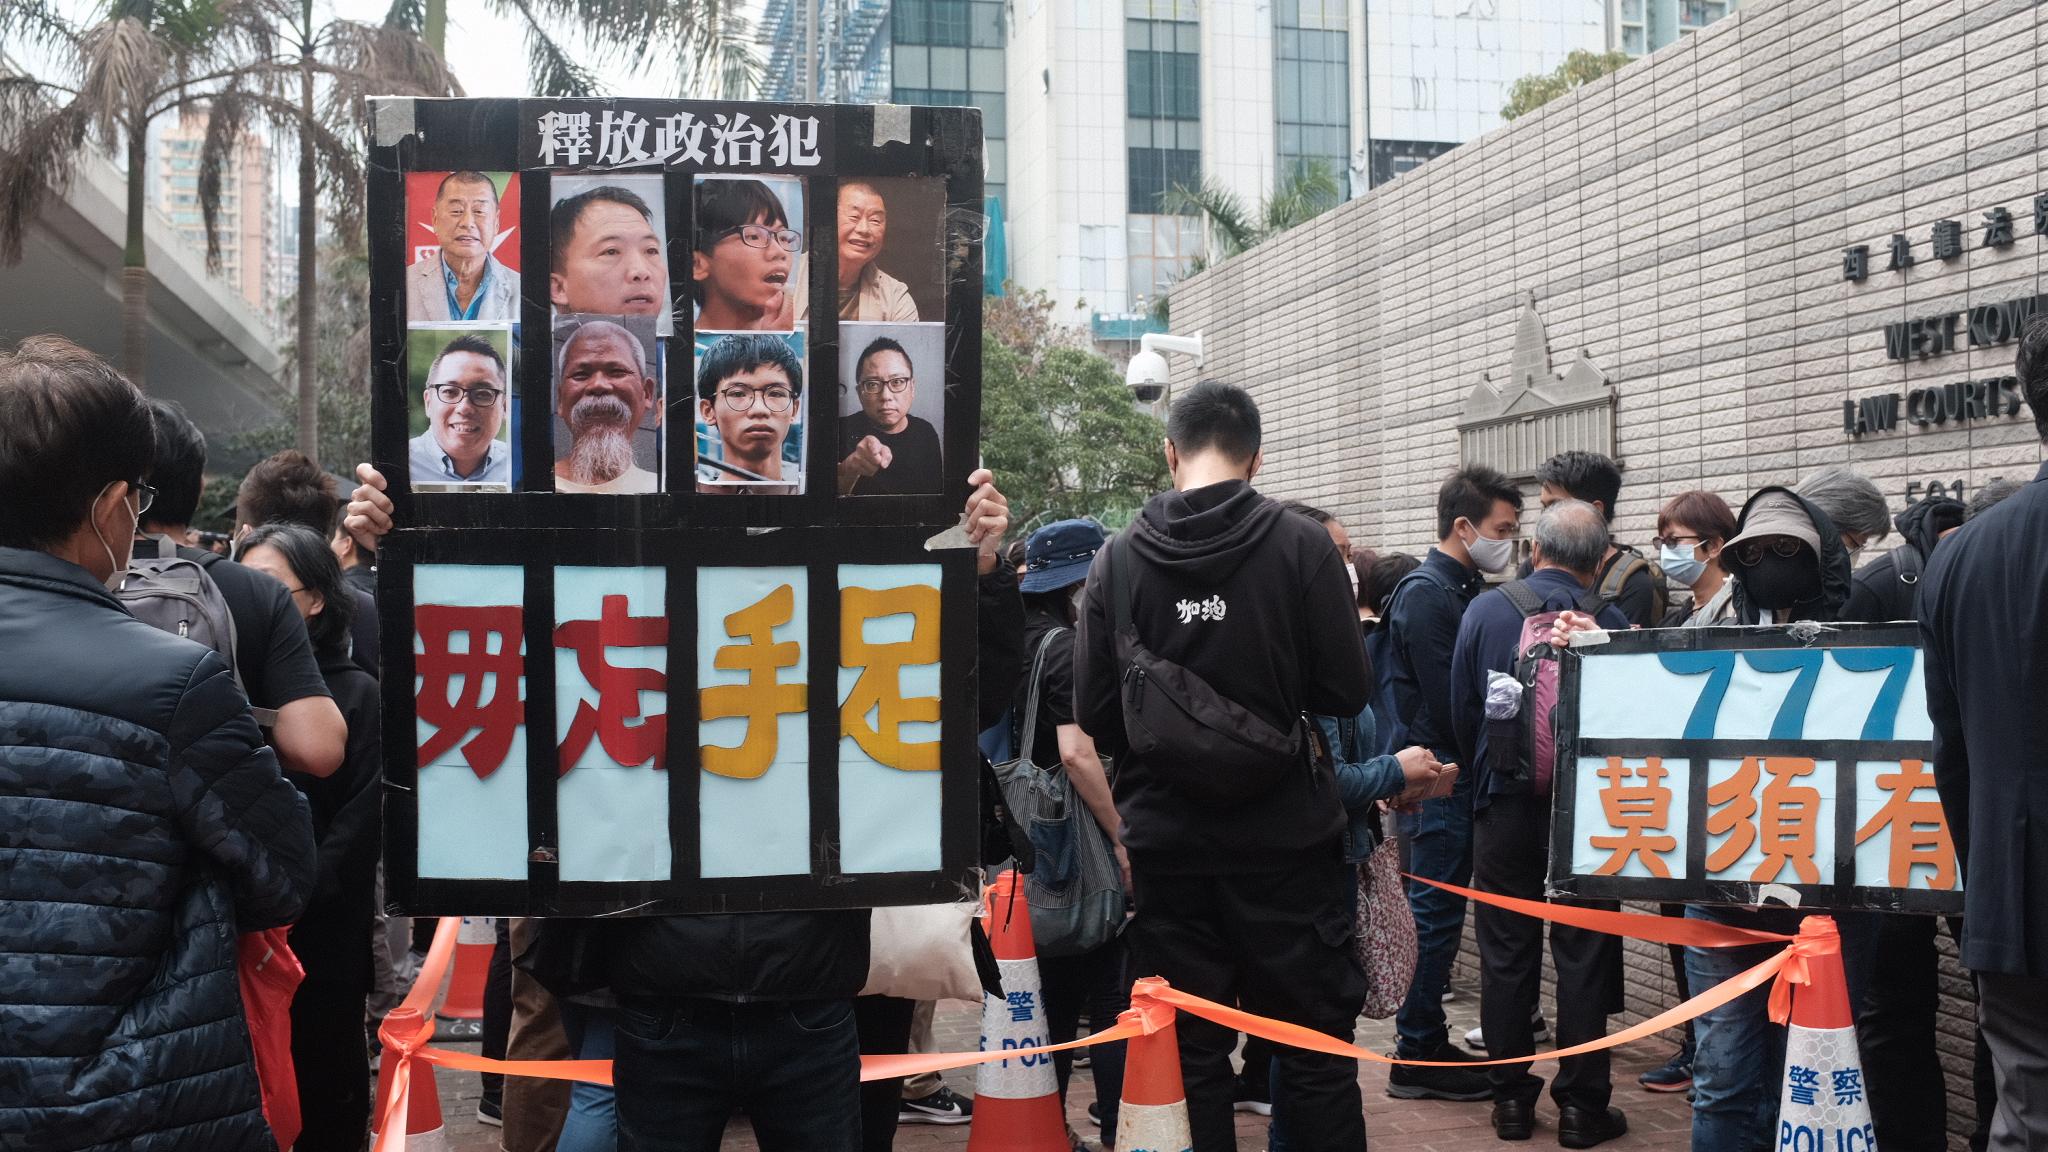 不少市民手持横额,抗议政府政治打压,要求「释放政治犯」横额上写满市民对被捕人士心声。(李智智 摄)